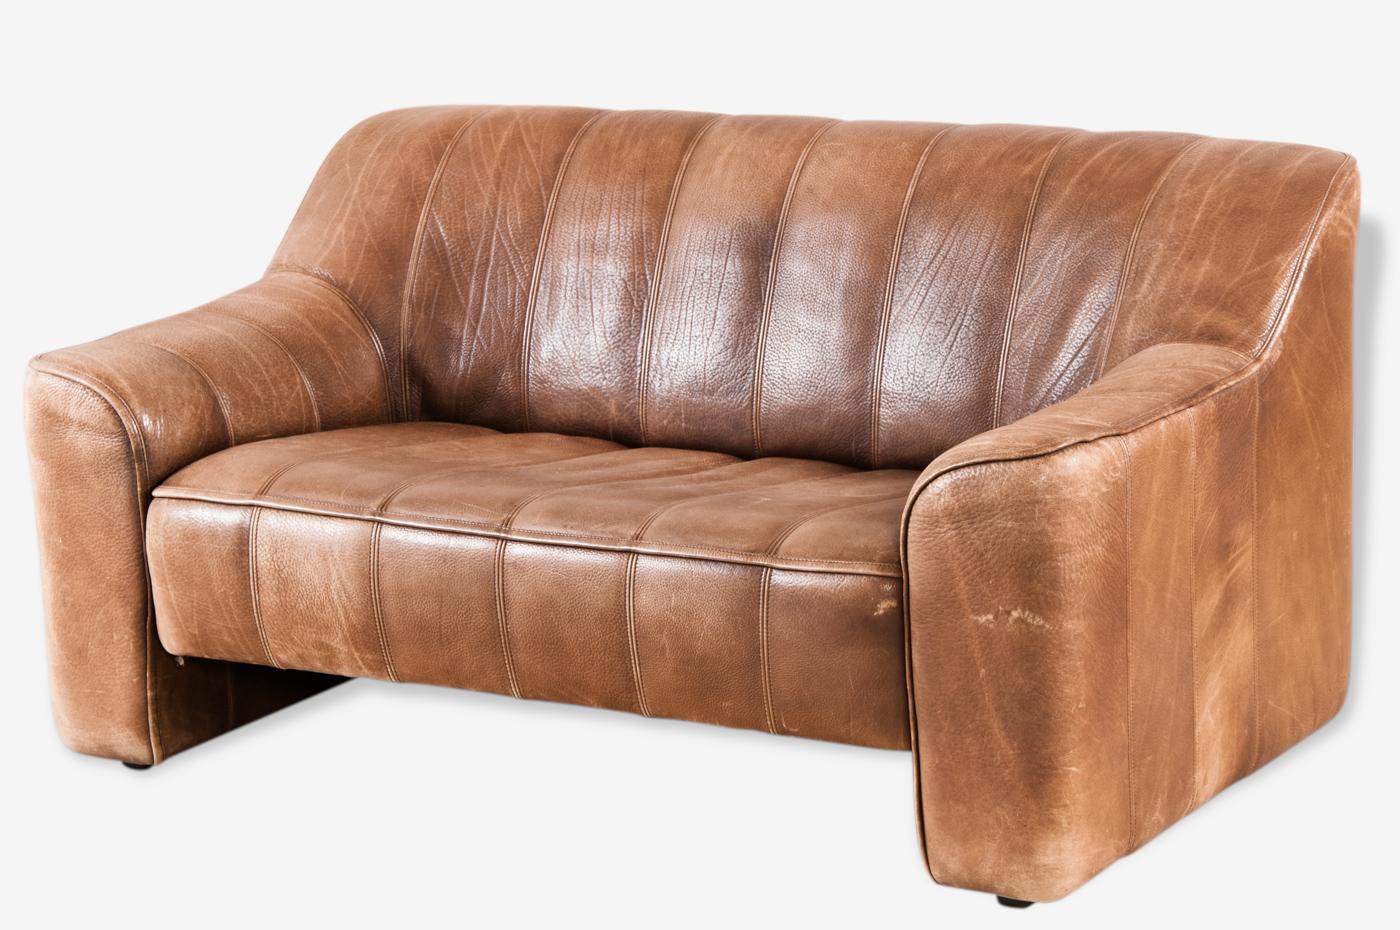 Canapé cuir de sede marron cuir marron design